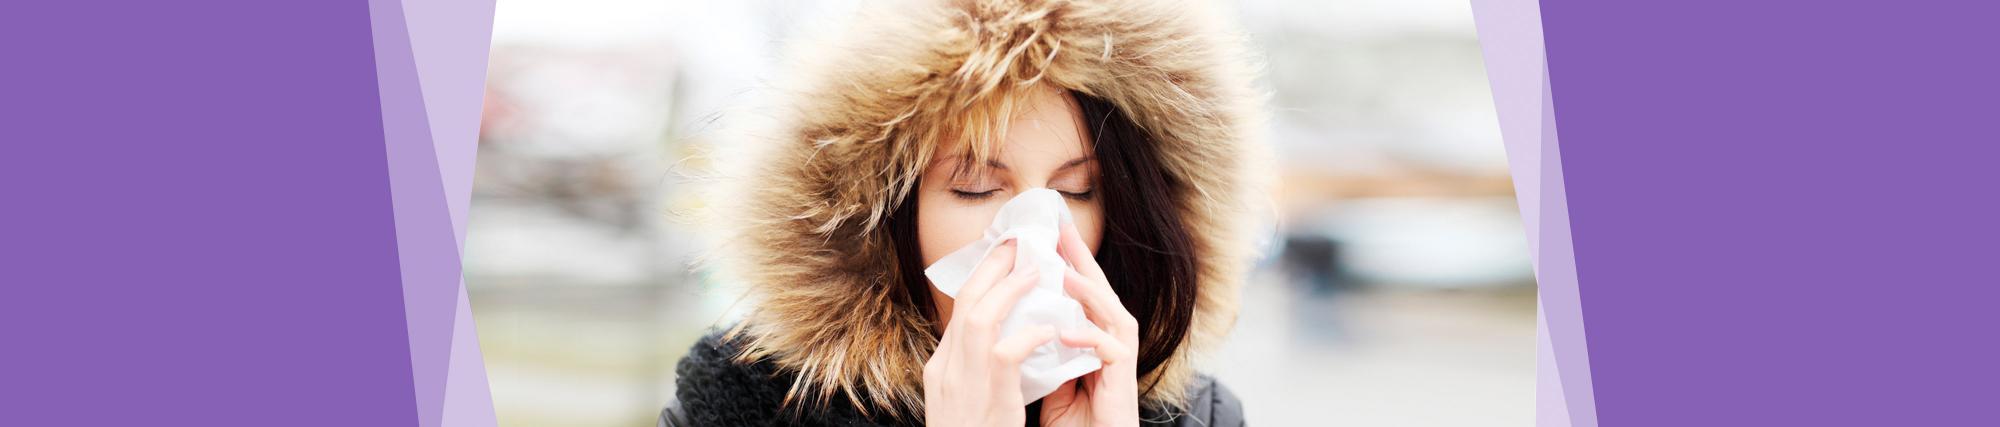 Verkoudheid en koorts